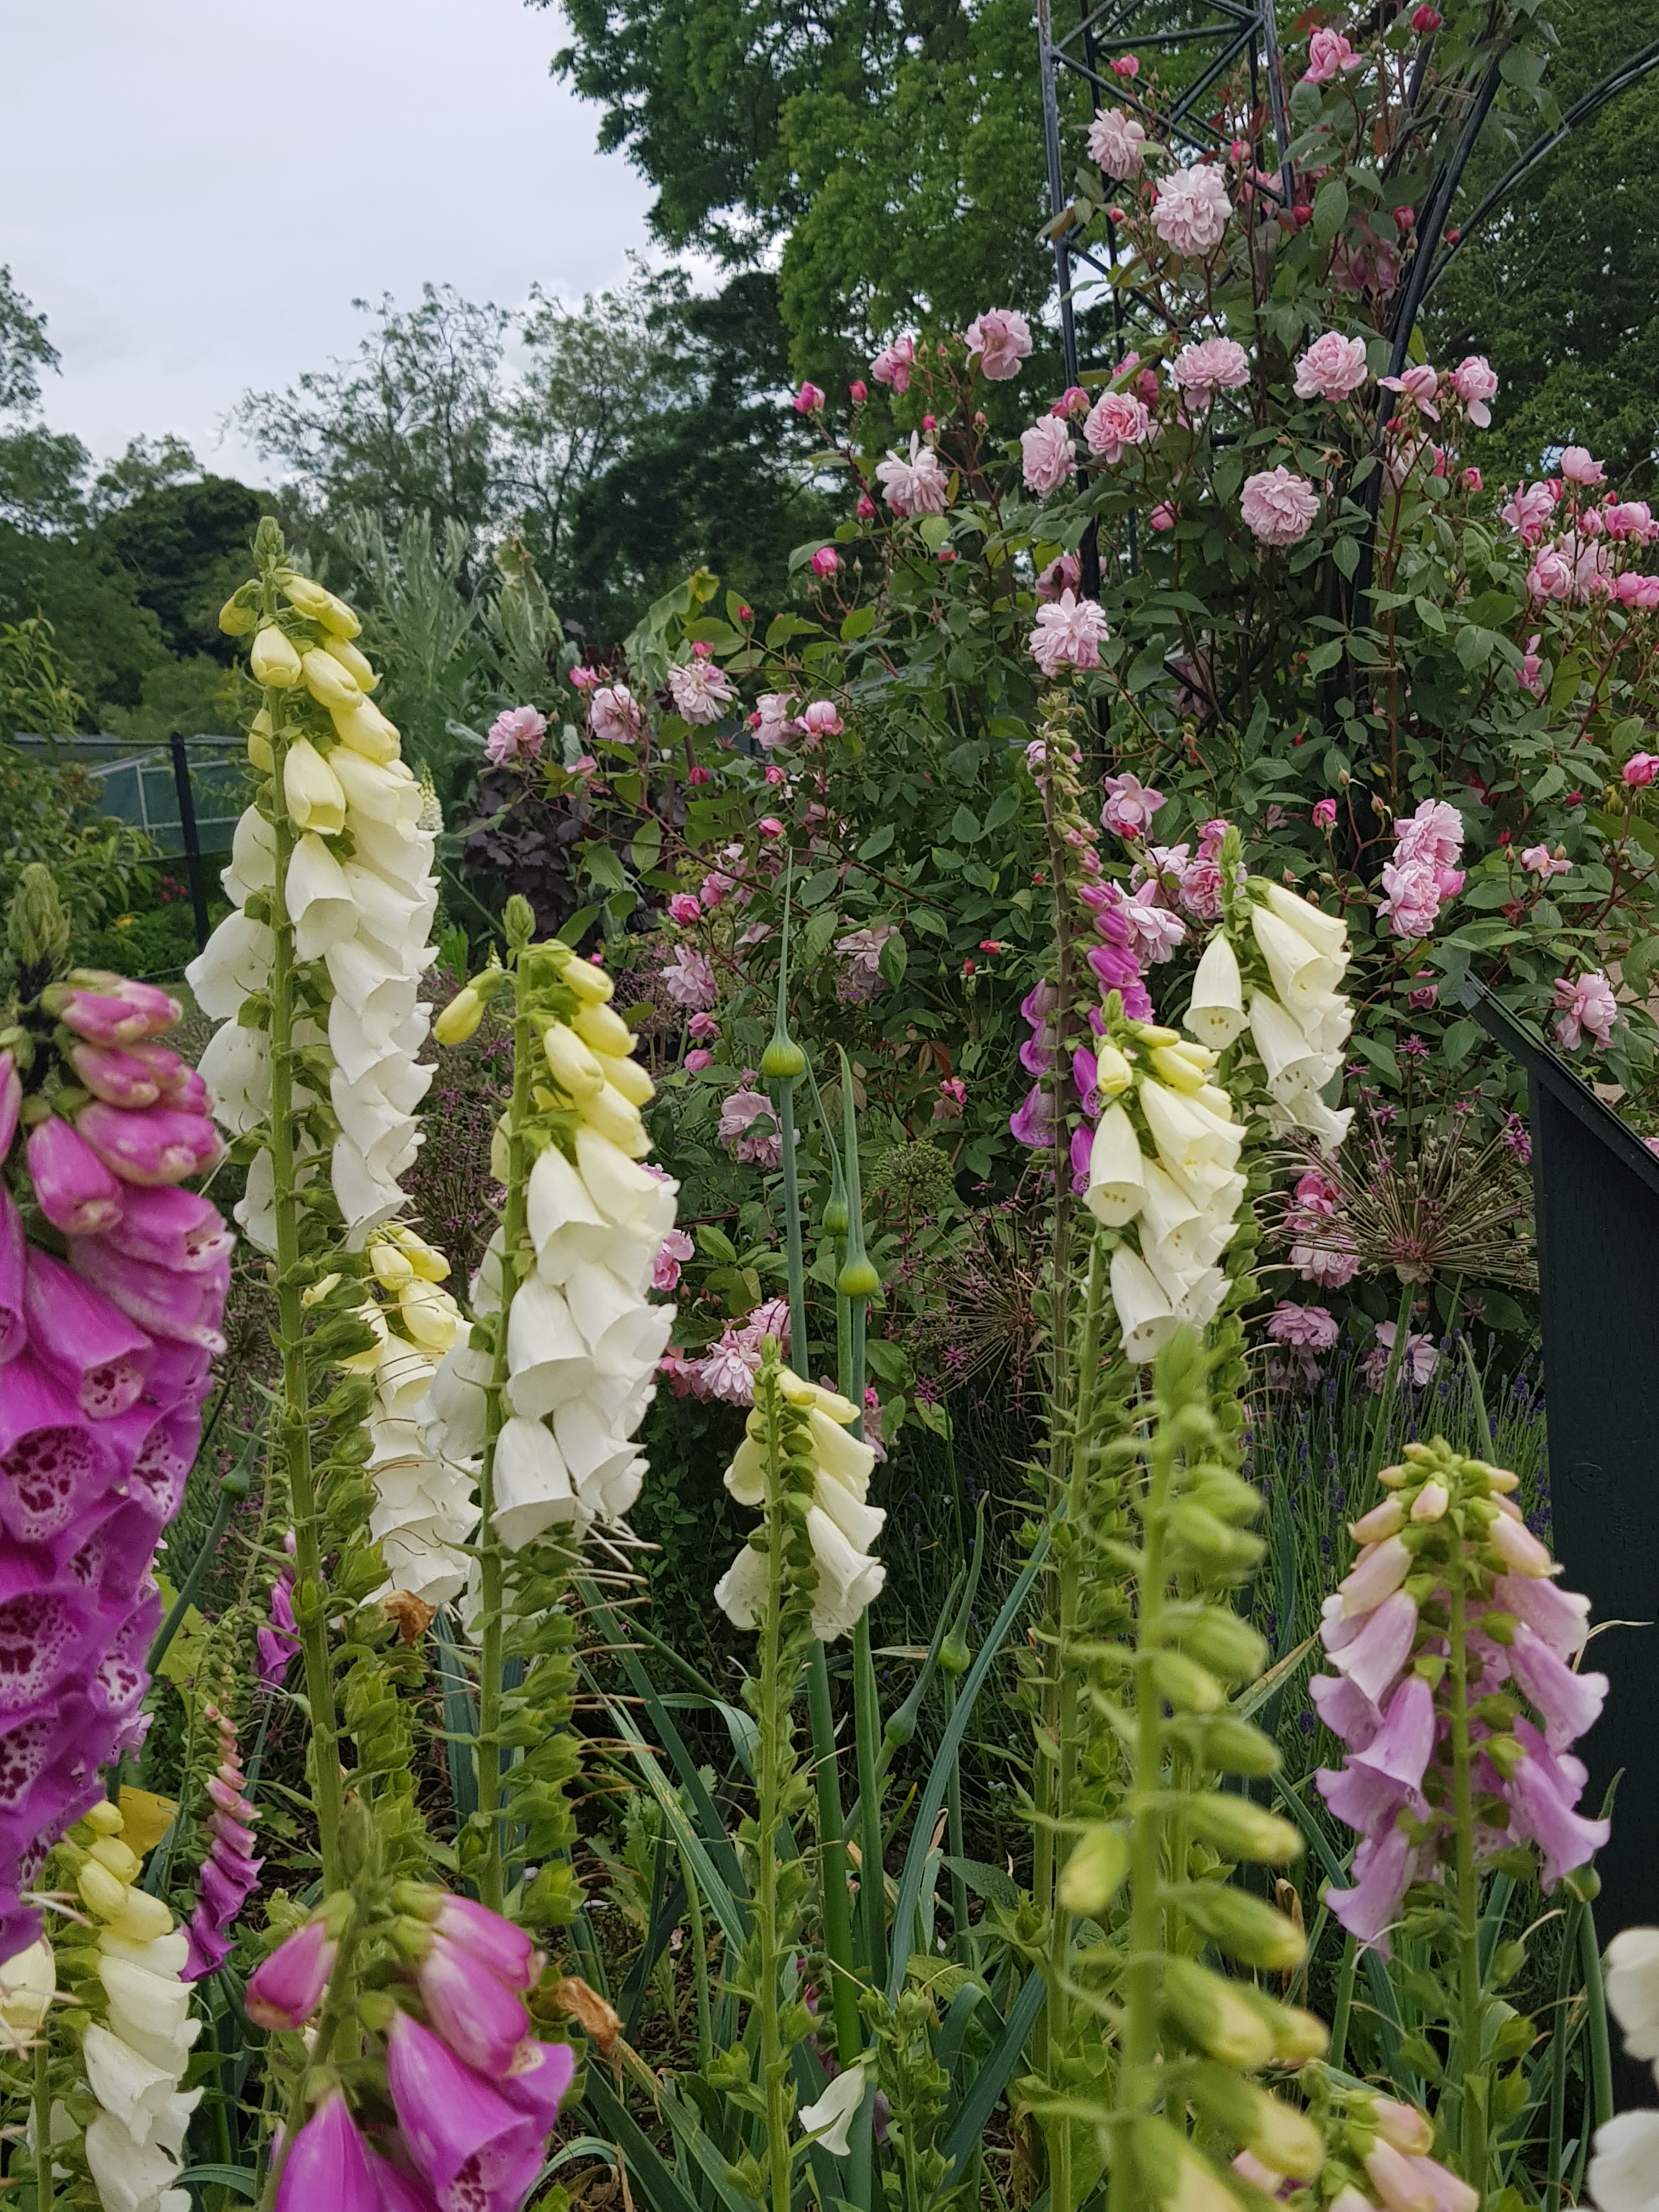 Ode to an English Garden